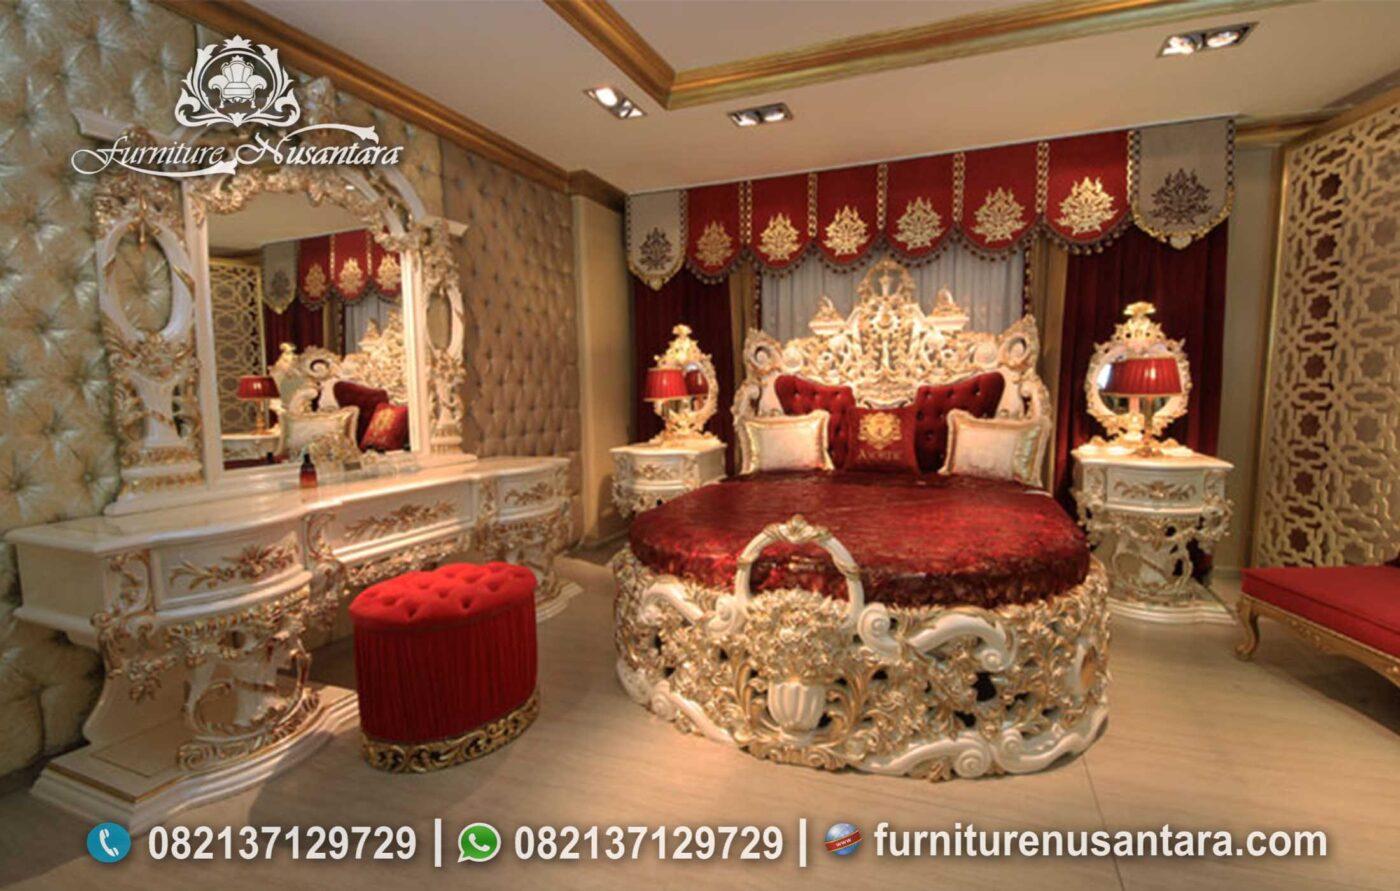 Desain Kamar Klasik Raja Termewah Terbaik KS-249, Furniture Nusantara